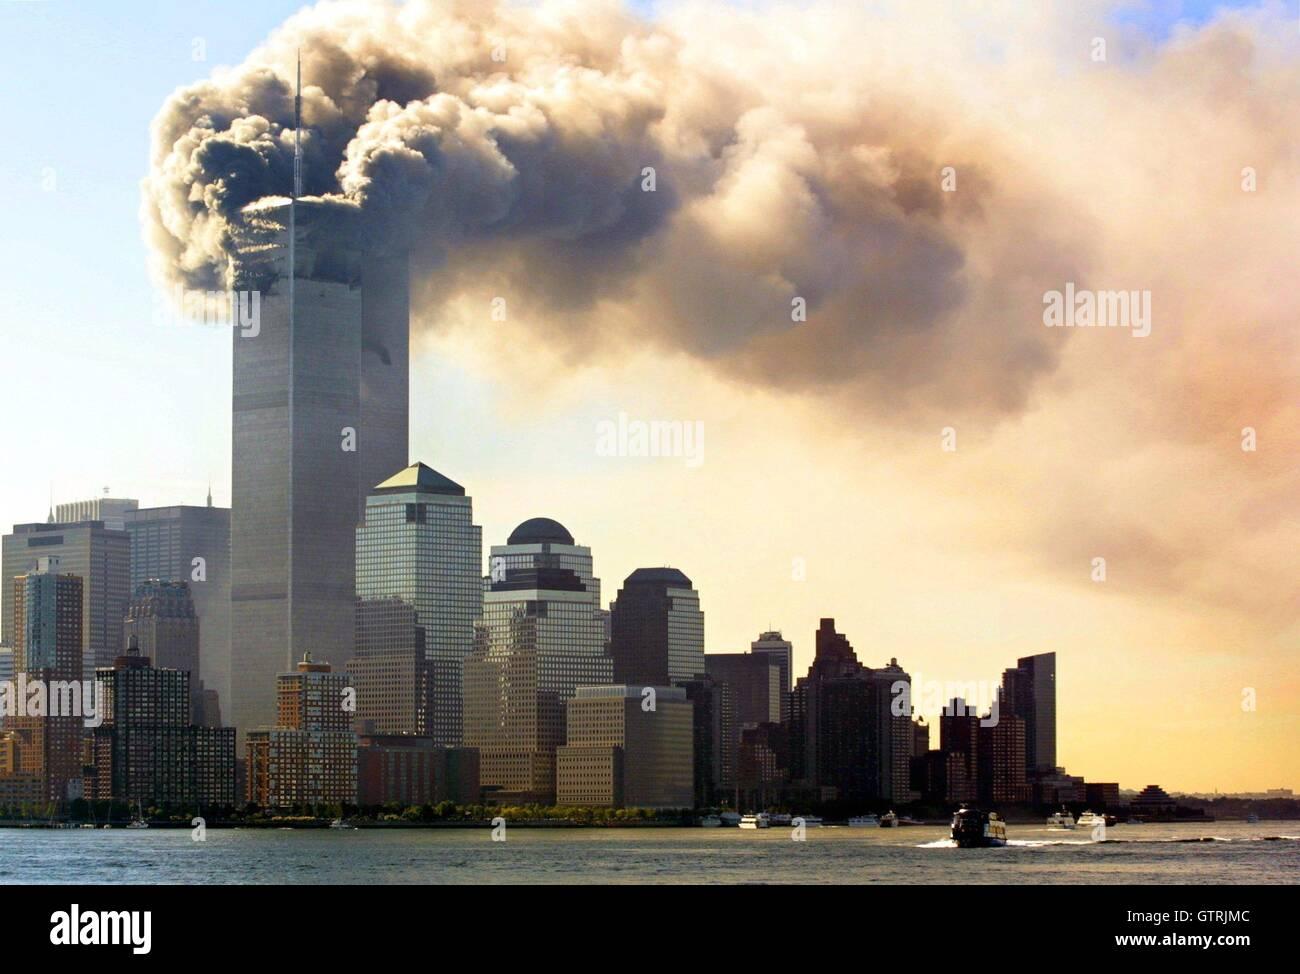 new york deutschland 11 september 2001 dpa wolken von rauch aufstieg aus den brennenden. Black Bedroom Furniture Sets. Home Design Ideas